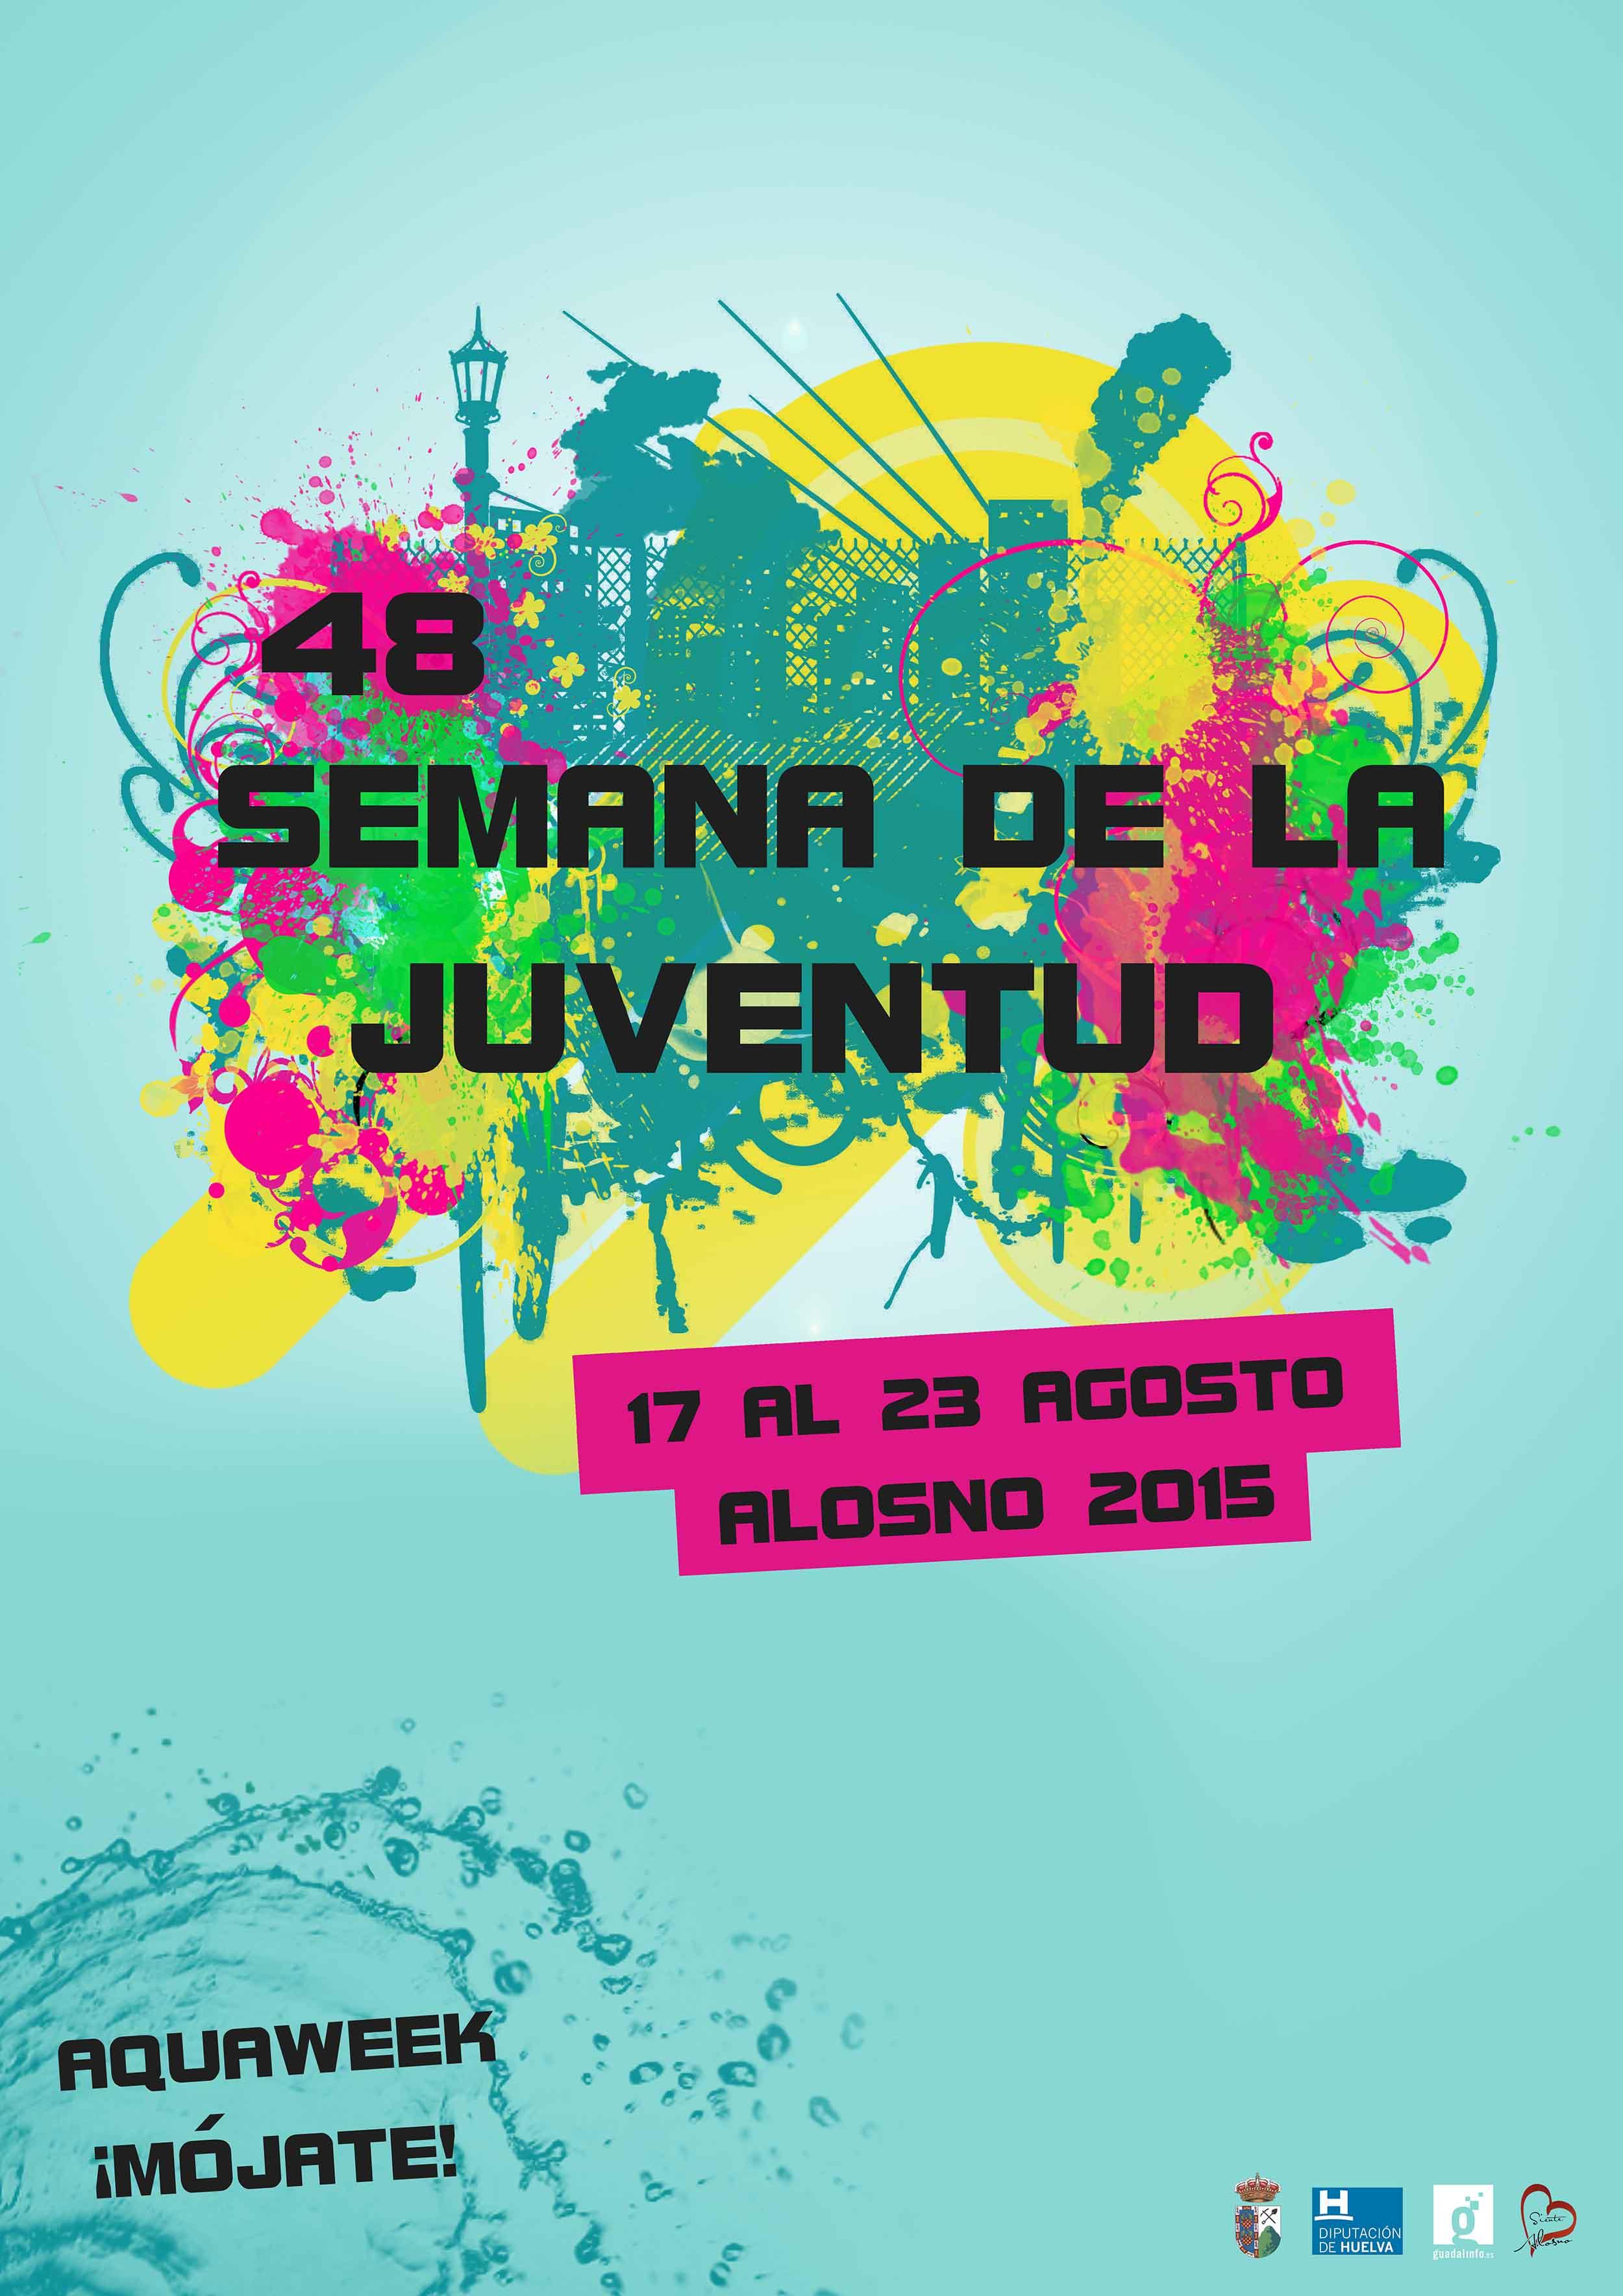 48 Semana de la Juventud Alosno